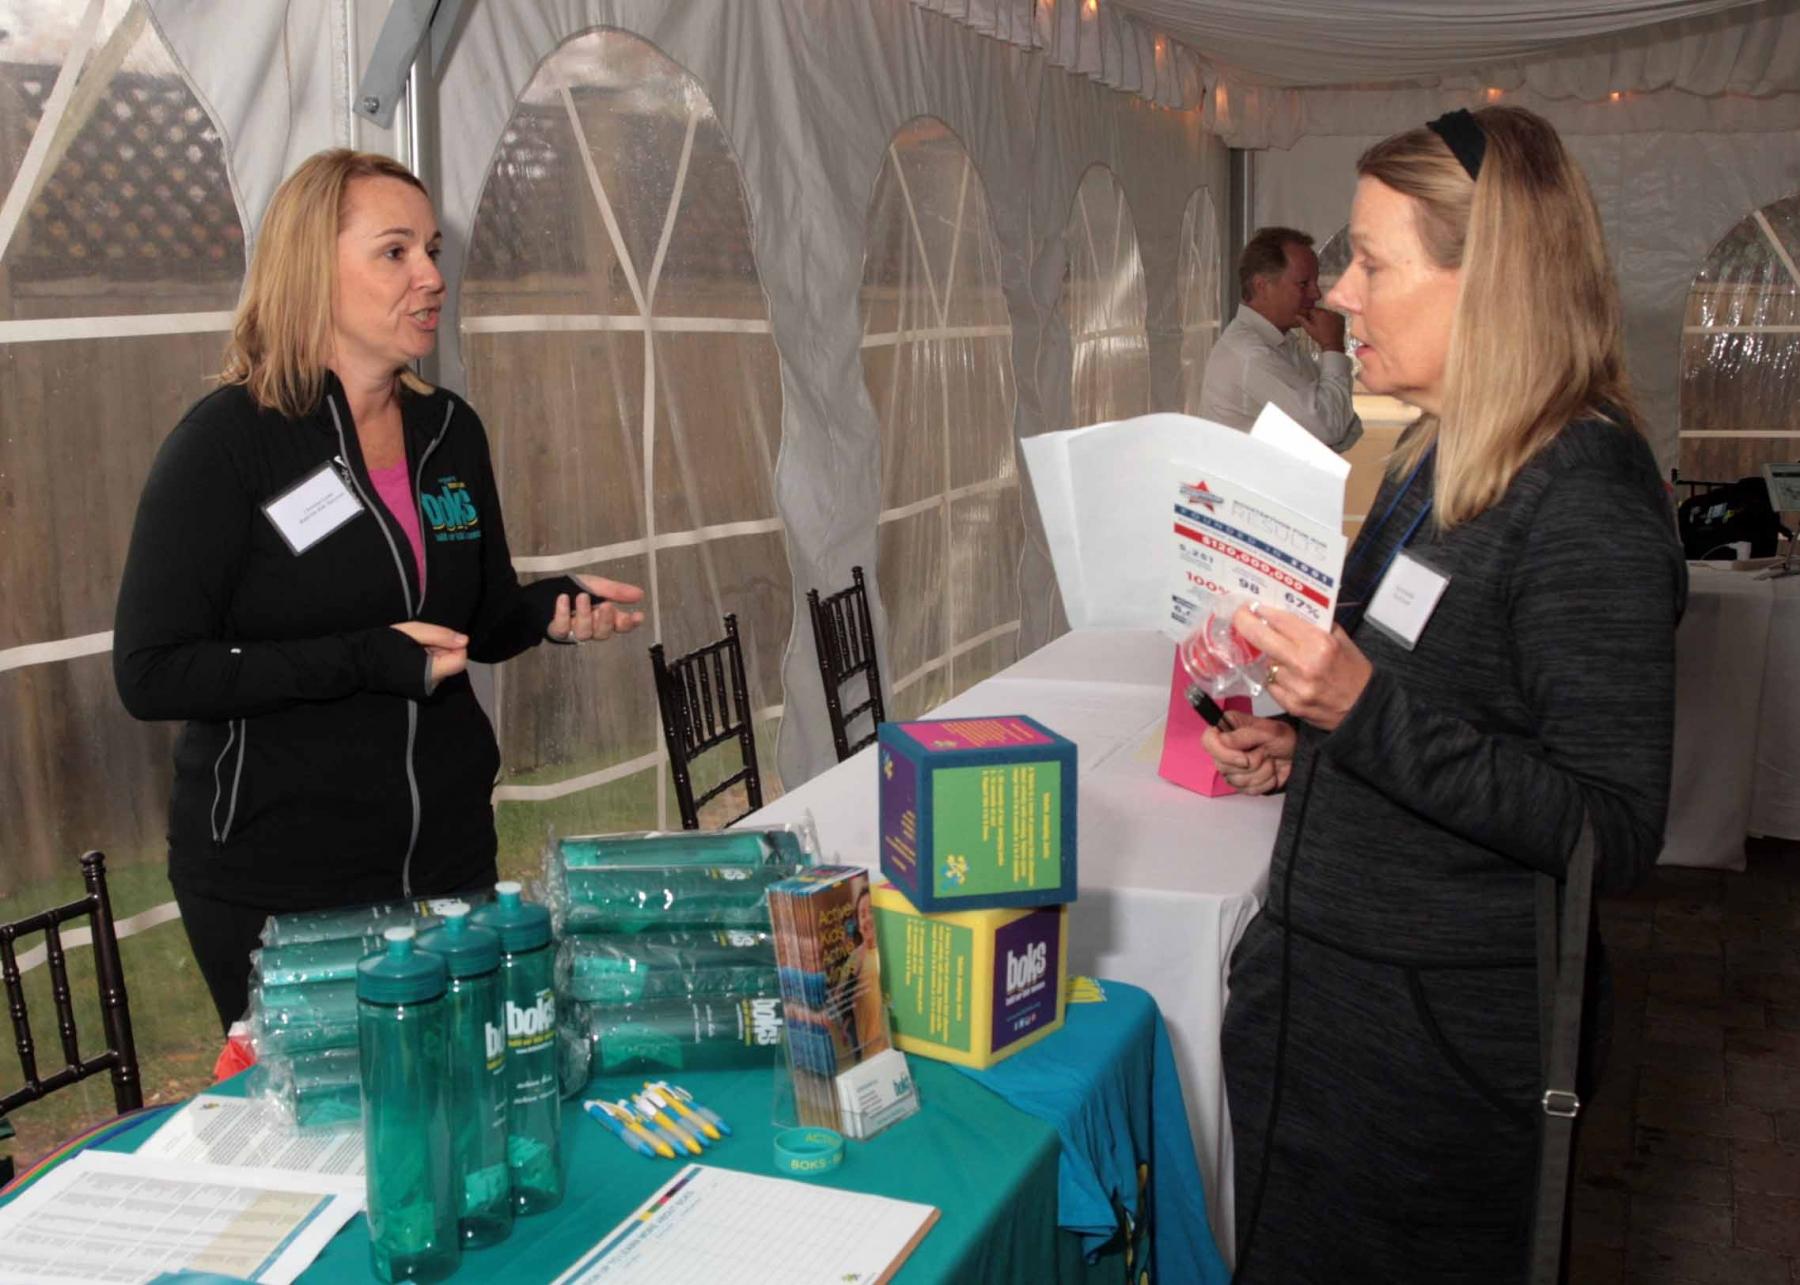 BOKS - MA PTA Health Summit Vendors